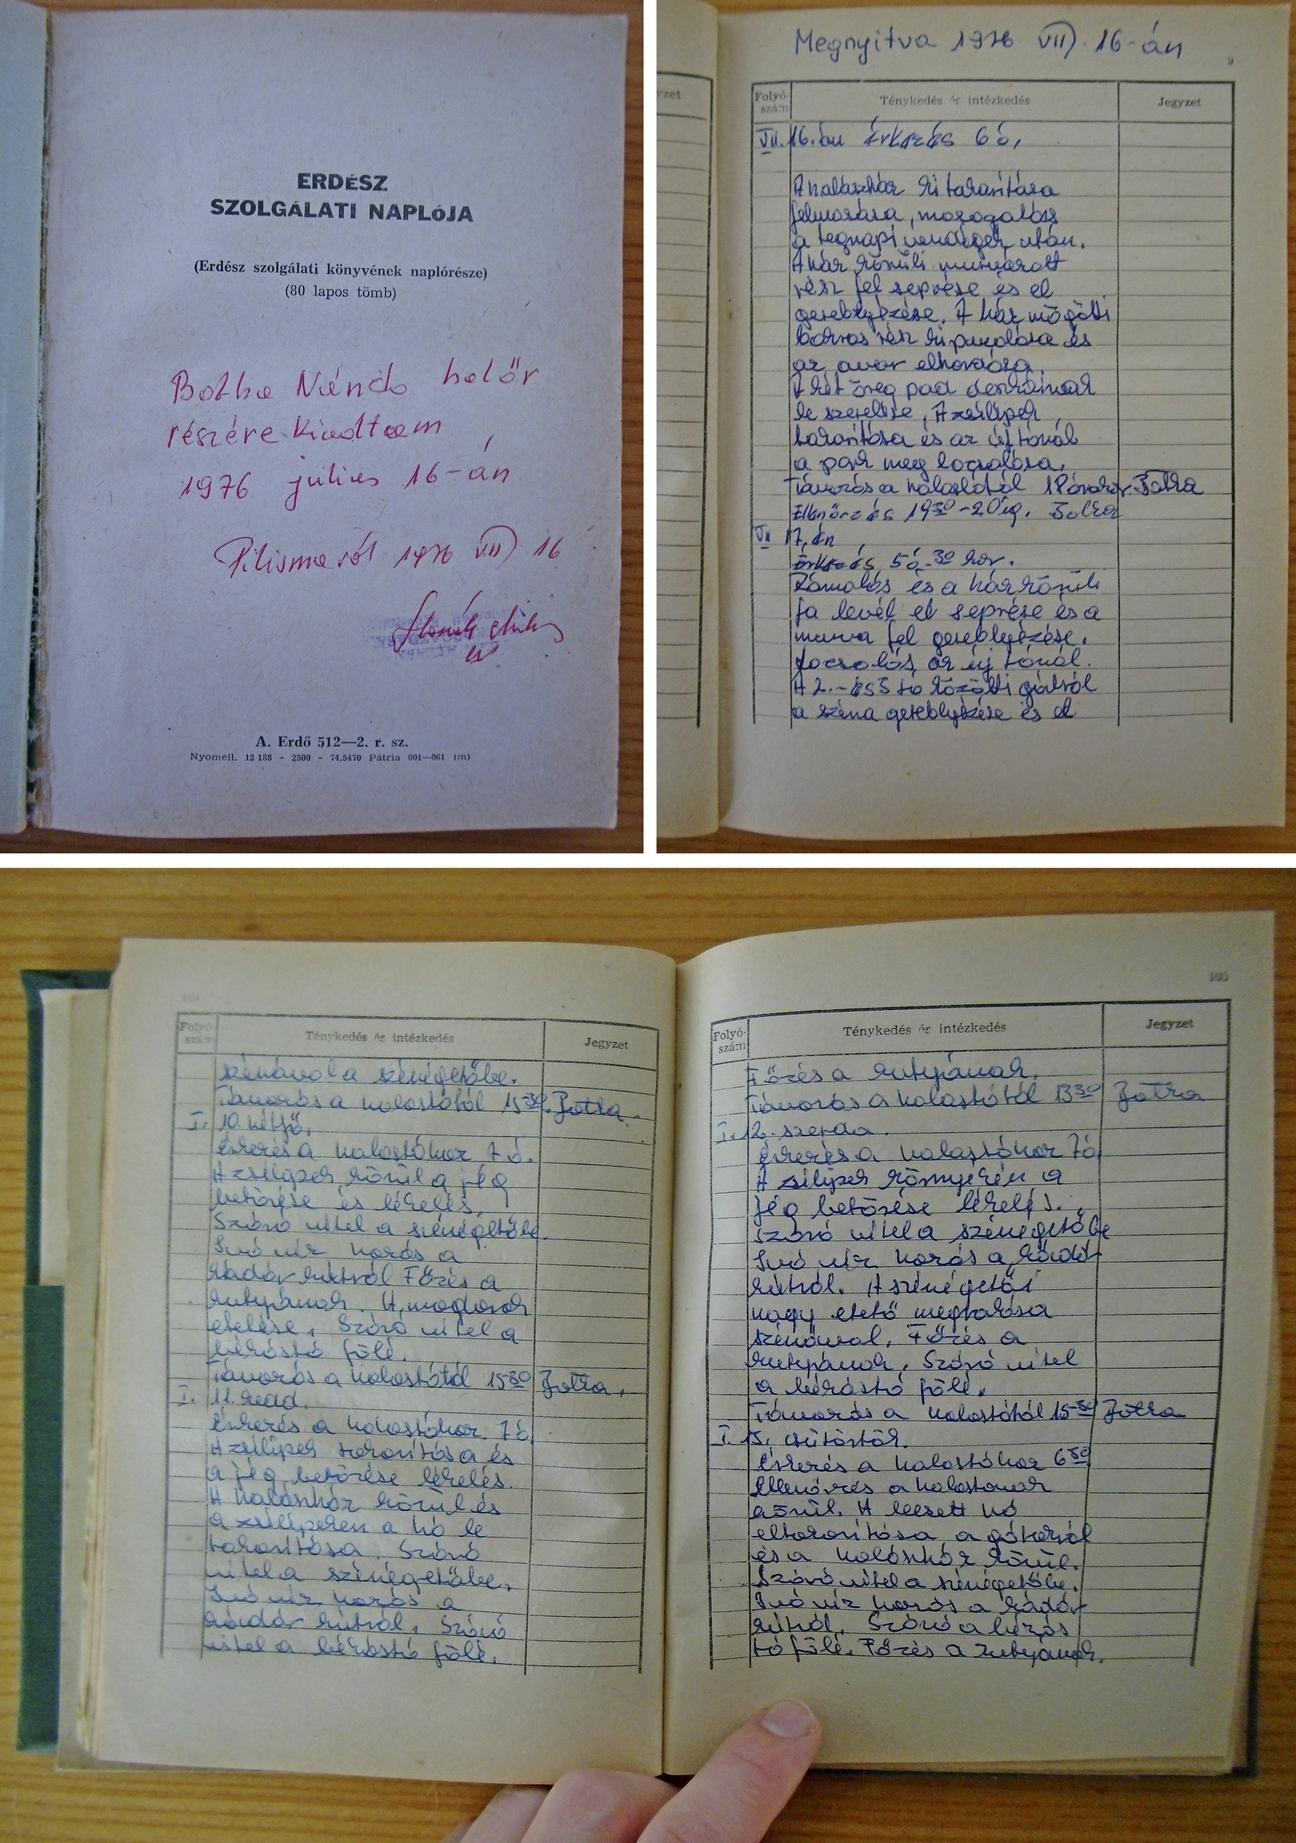 Néhány napja valódi kuriózum került a tulajdonomba: halőri napló 1976-ból